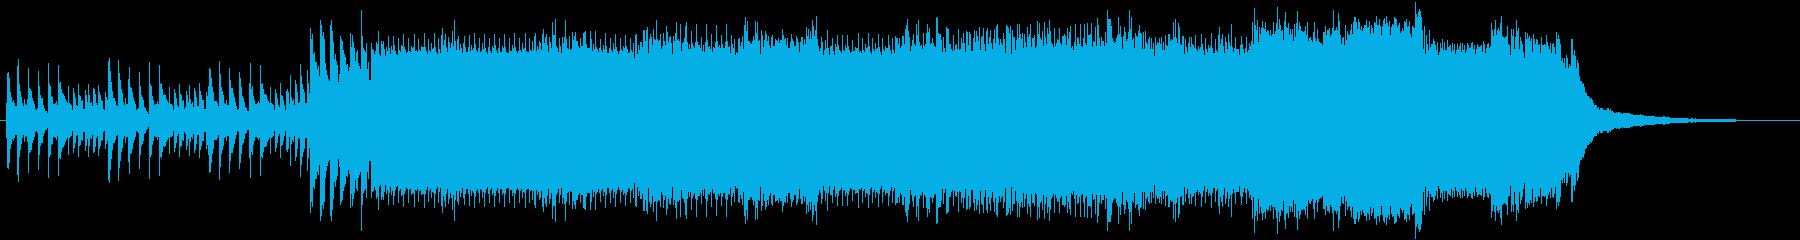 ボス戦や最終局面に合いそうなピアノ曲 1の再生済みの波形